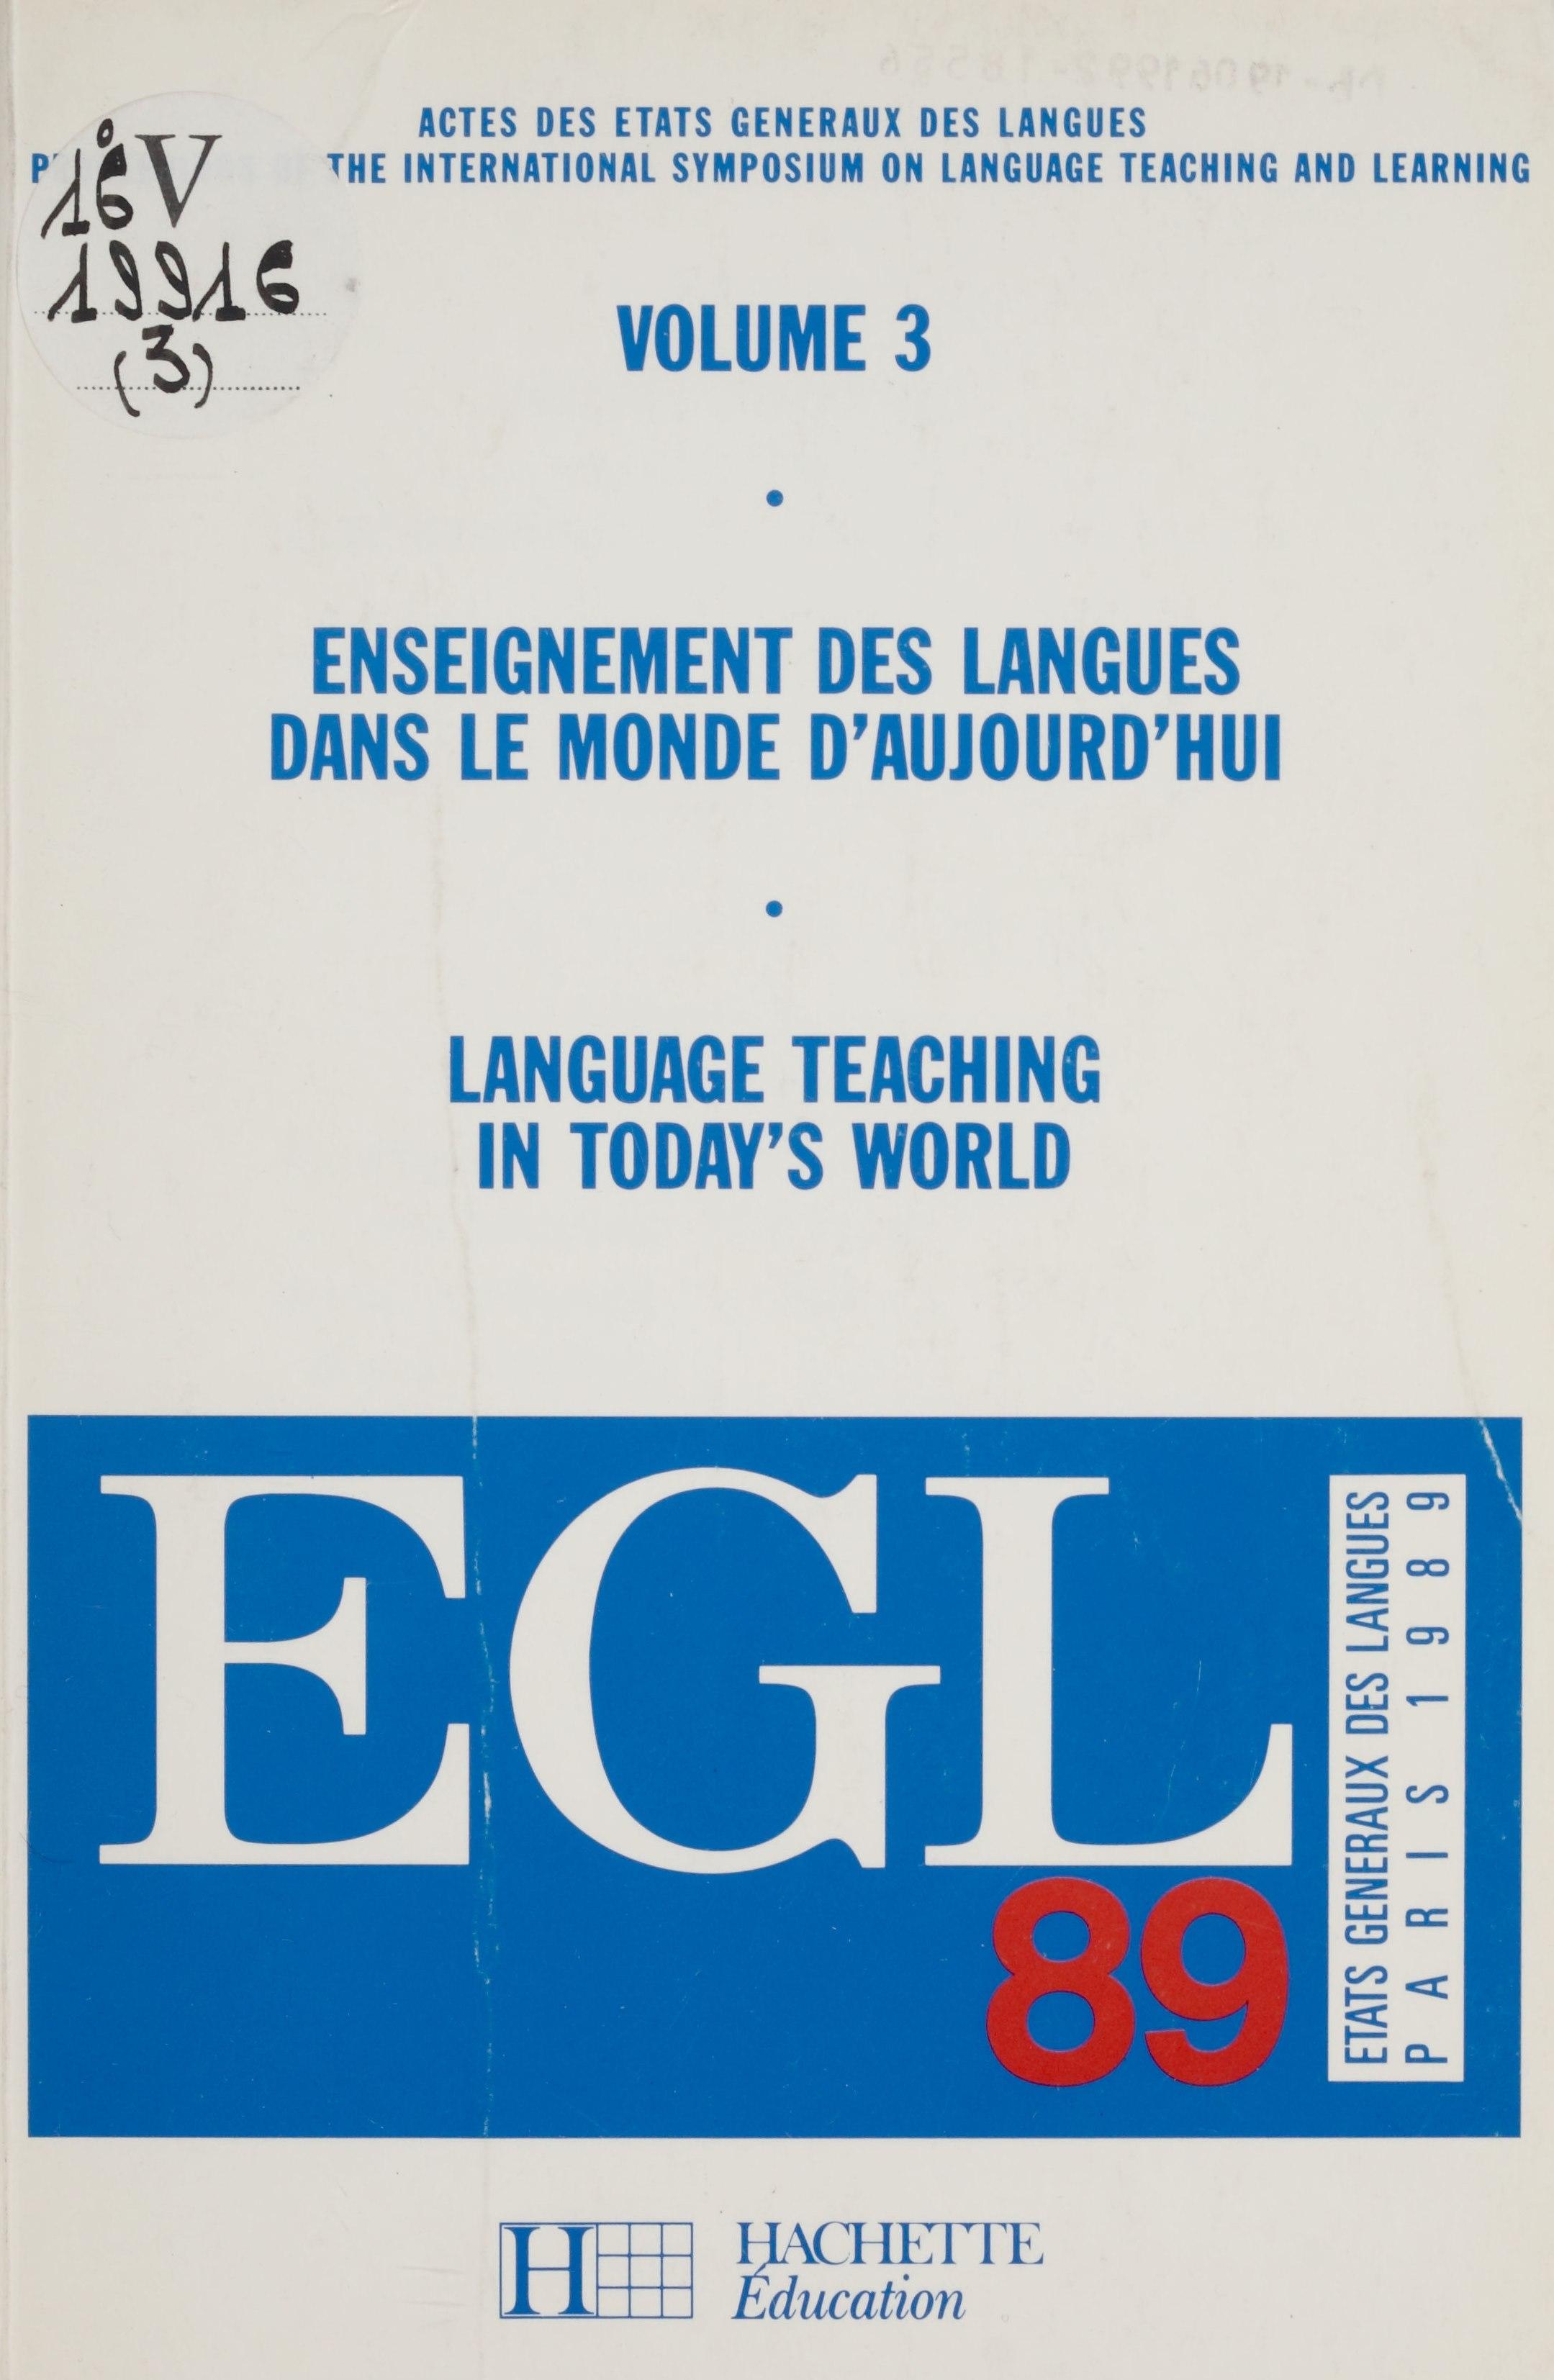 Enseignement des langues dans le monde d'aujourd'hui (3)